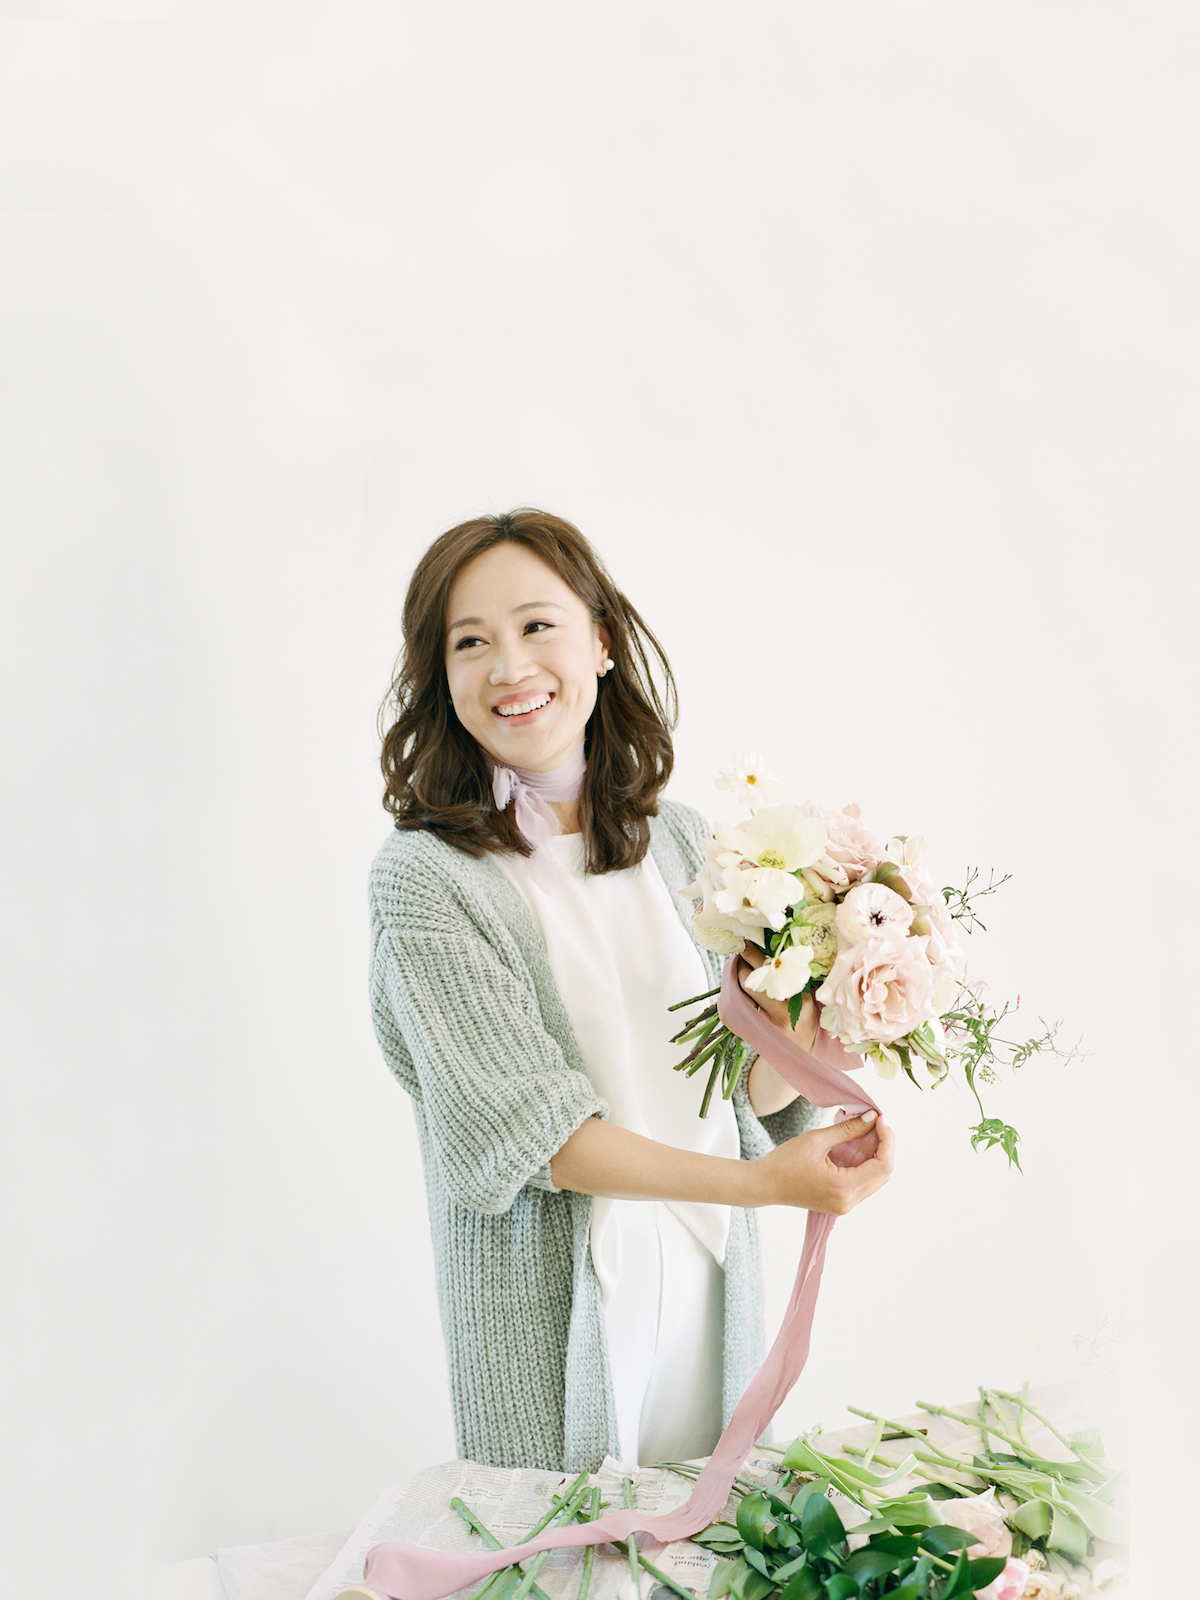 olea-and-fig-blooming-wed-brand-shoot-44.jpg